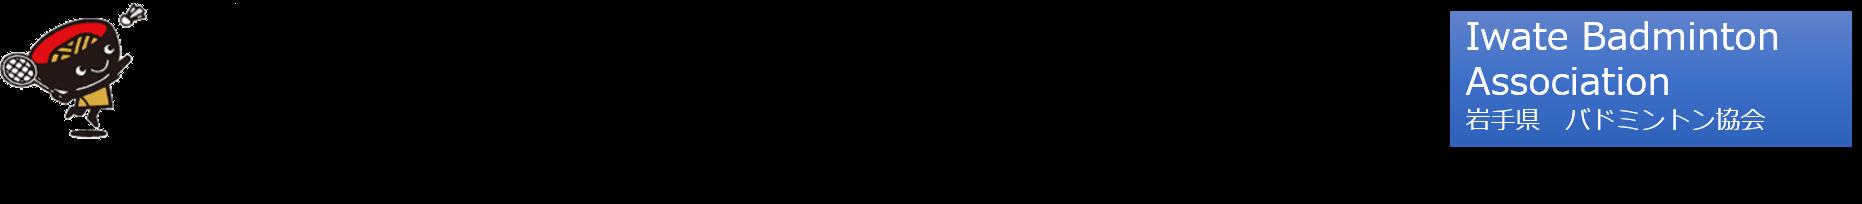 岩手県バドミントン協会